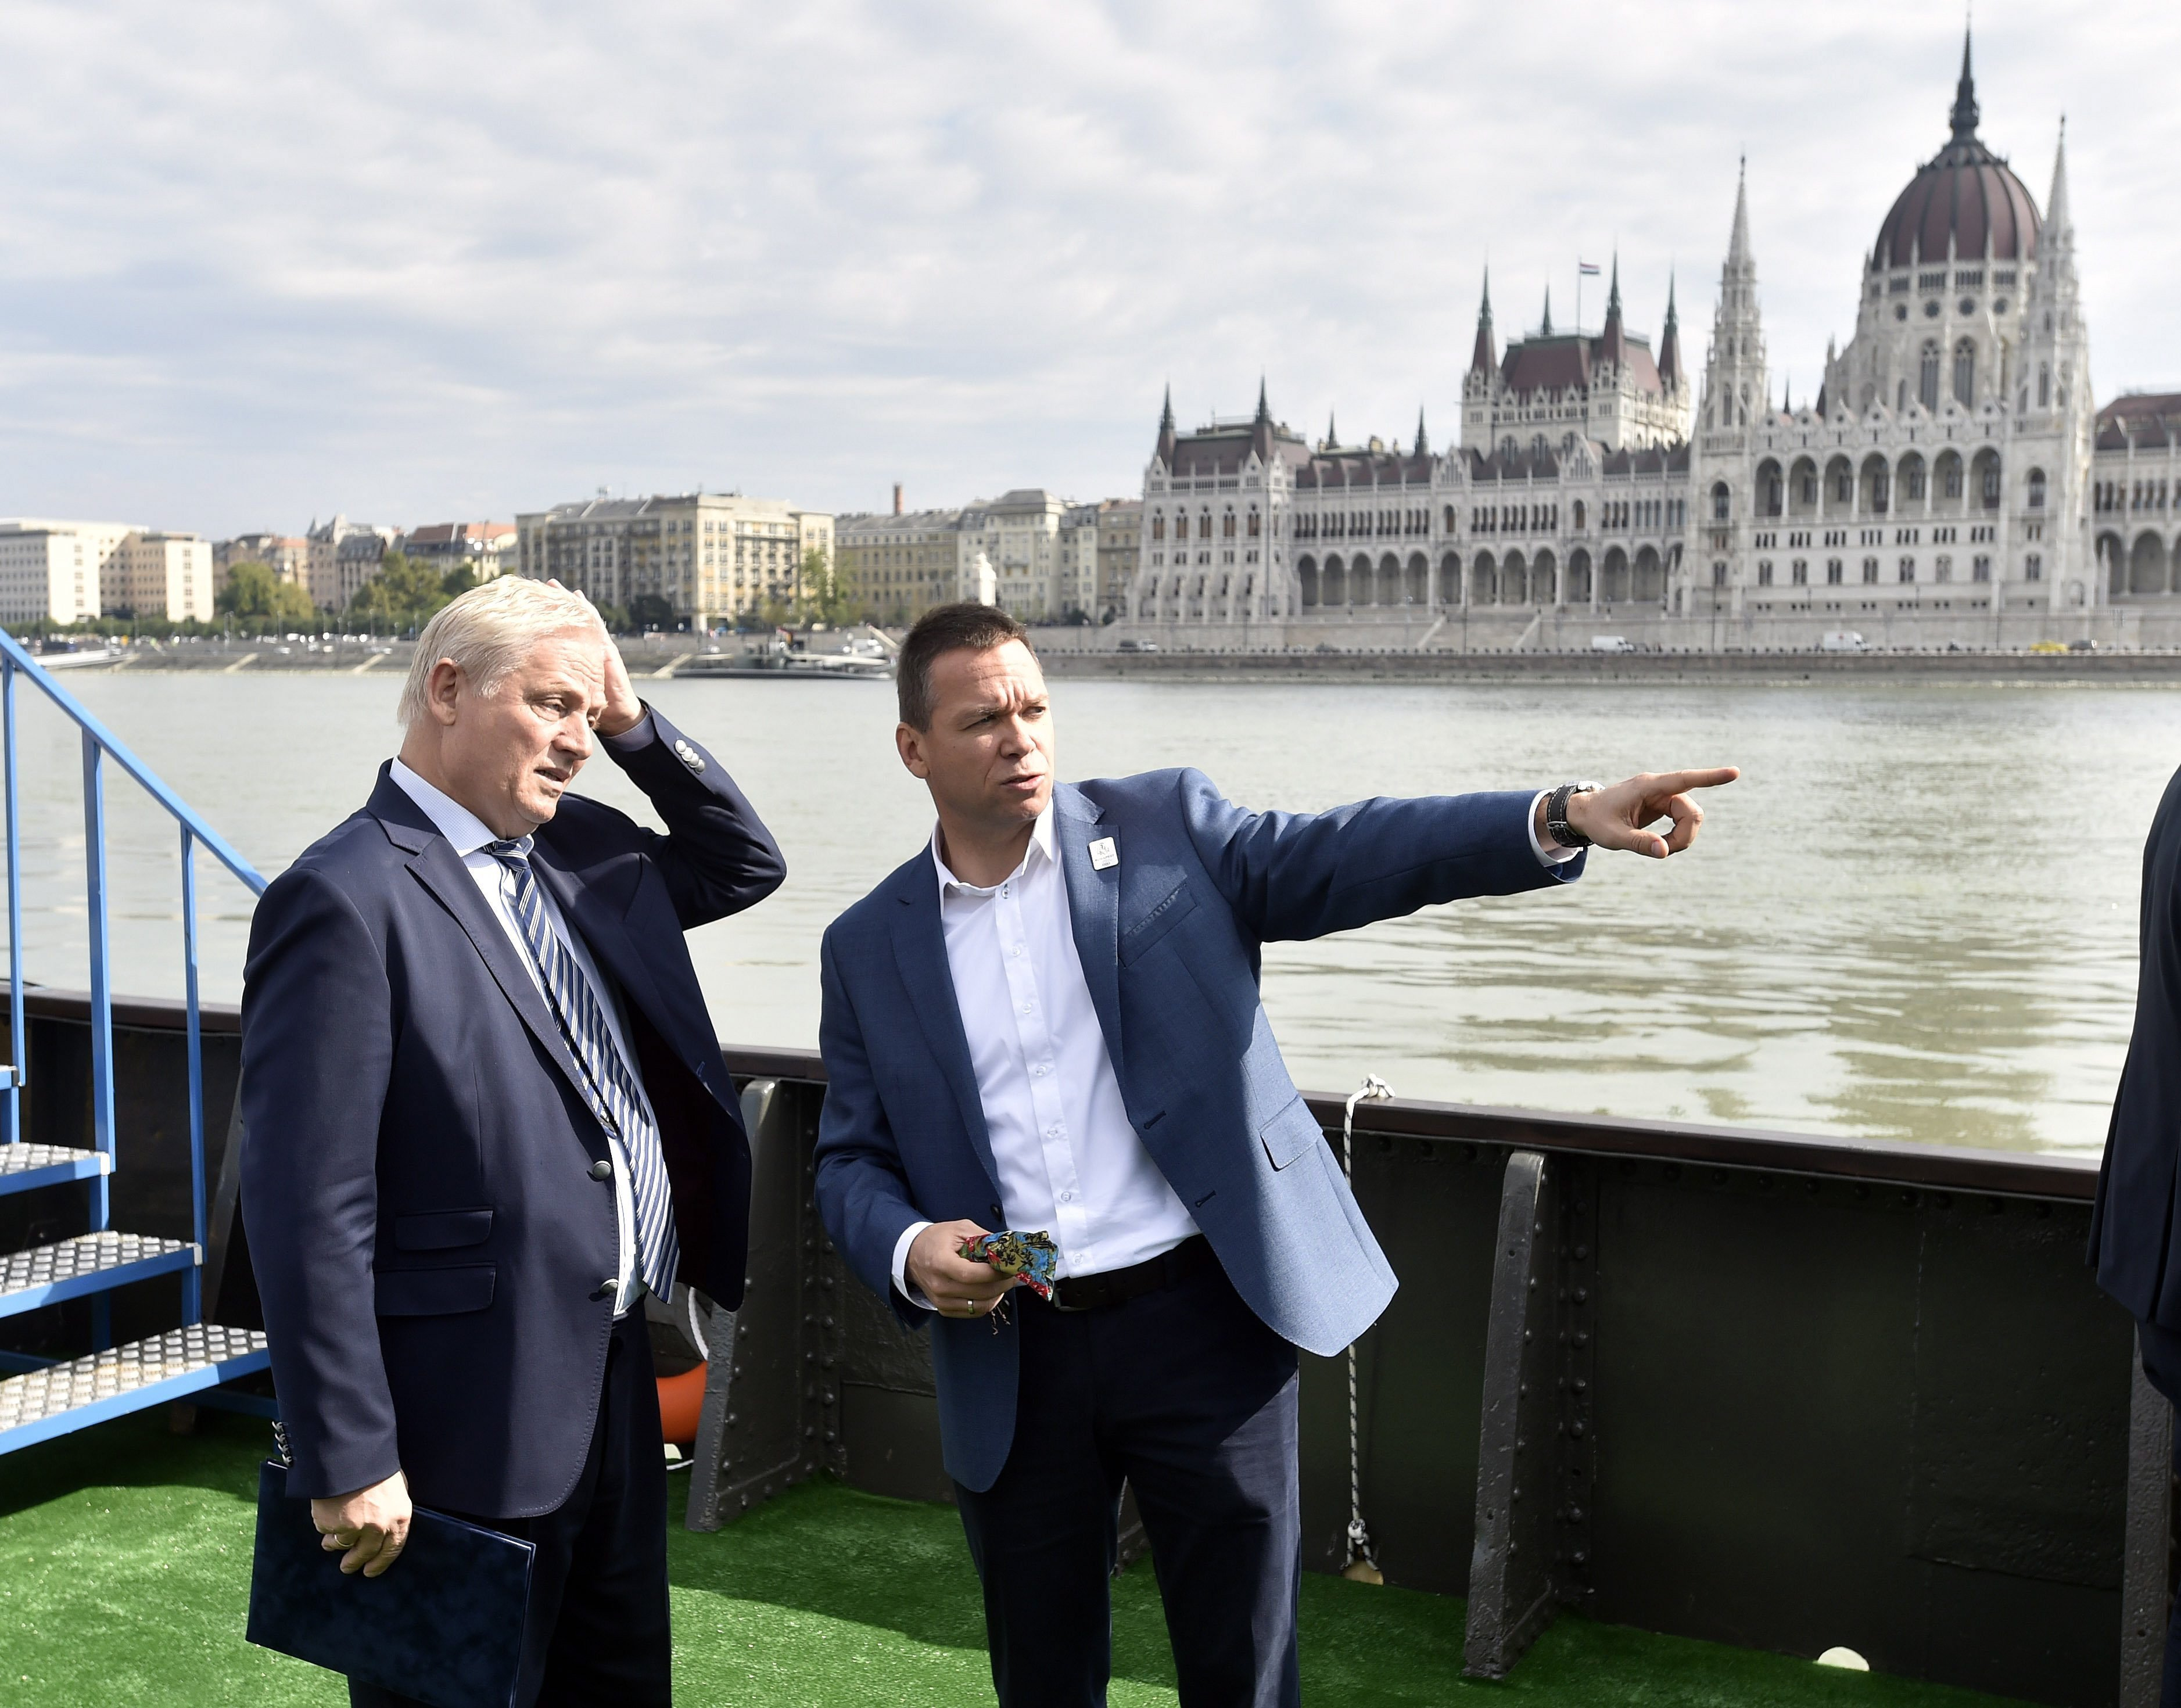 """Fürjes Balázs most már azt mondja, hogy """"nincs napirenden a kérdés, hogy Budapest pályázzon a 2028-as vagy 2032-es nyári olimpiára, előkészítés sem zajlik ebben az ügyben"""""""